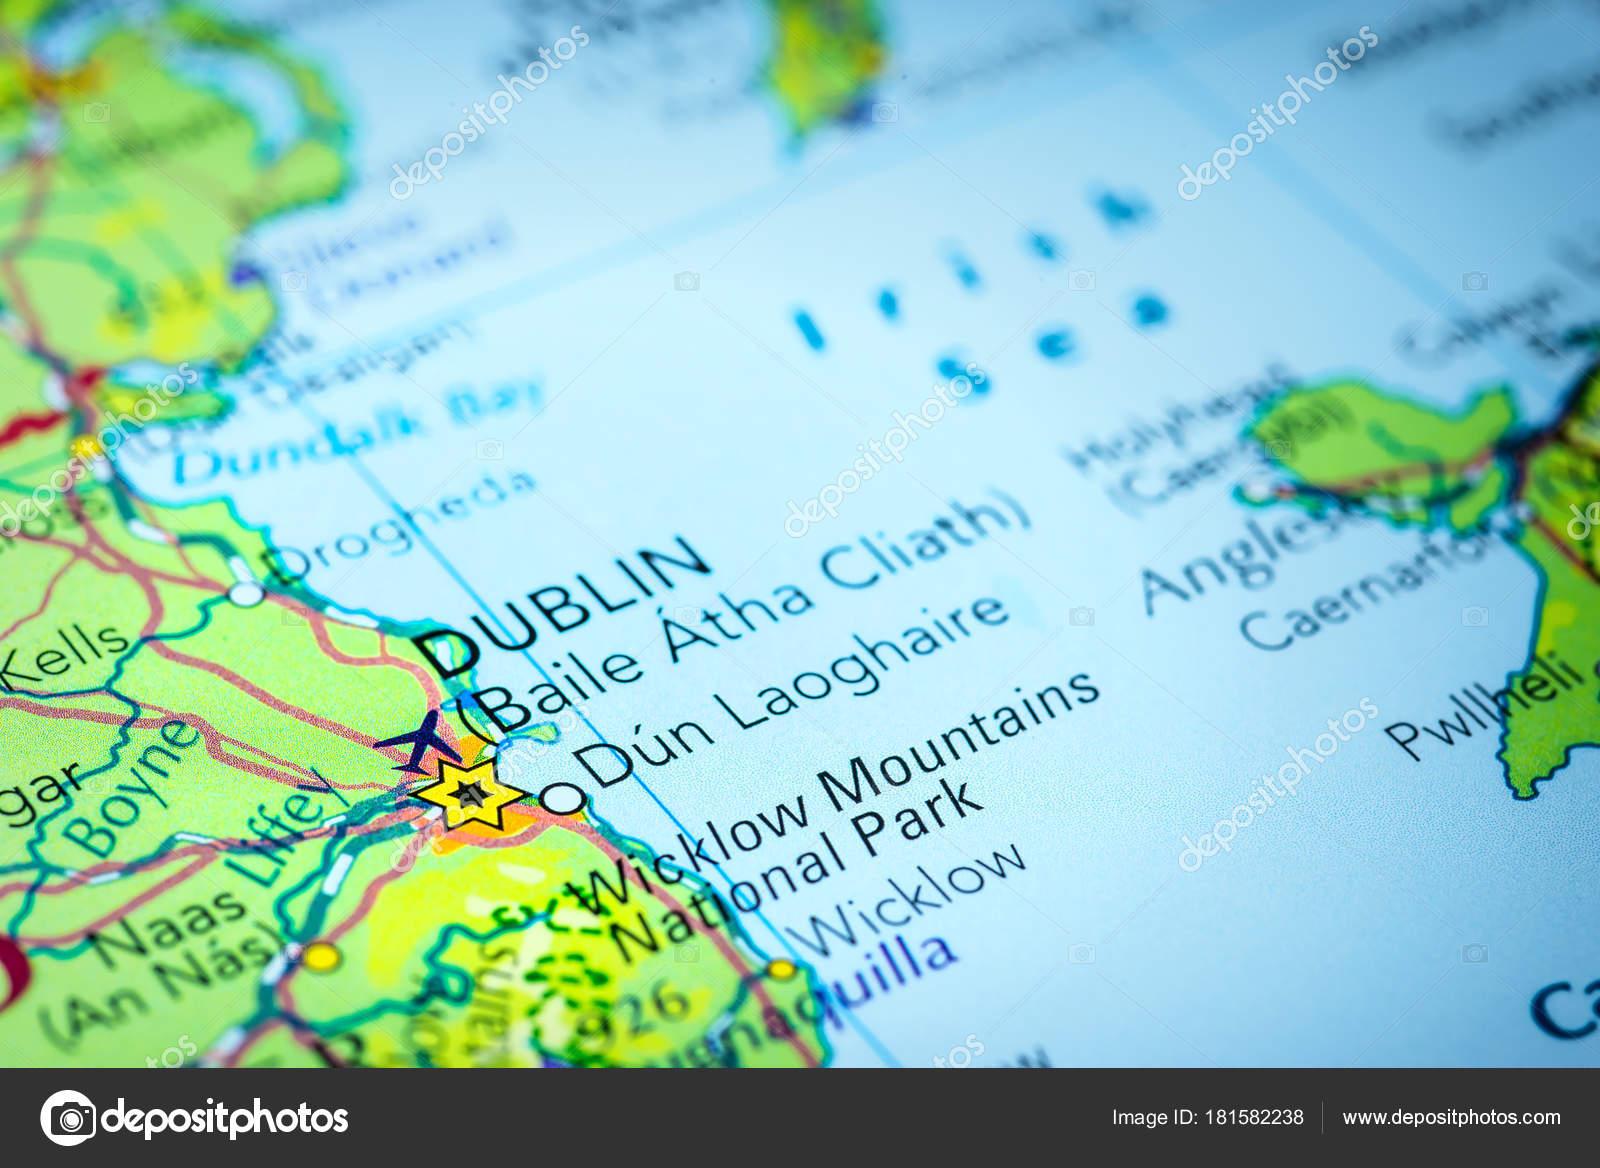 Dublin On Map Of Ireland.Dublin In Ireland On A Map Of Europe Stock Photo C Octavus 181582238